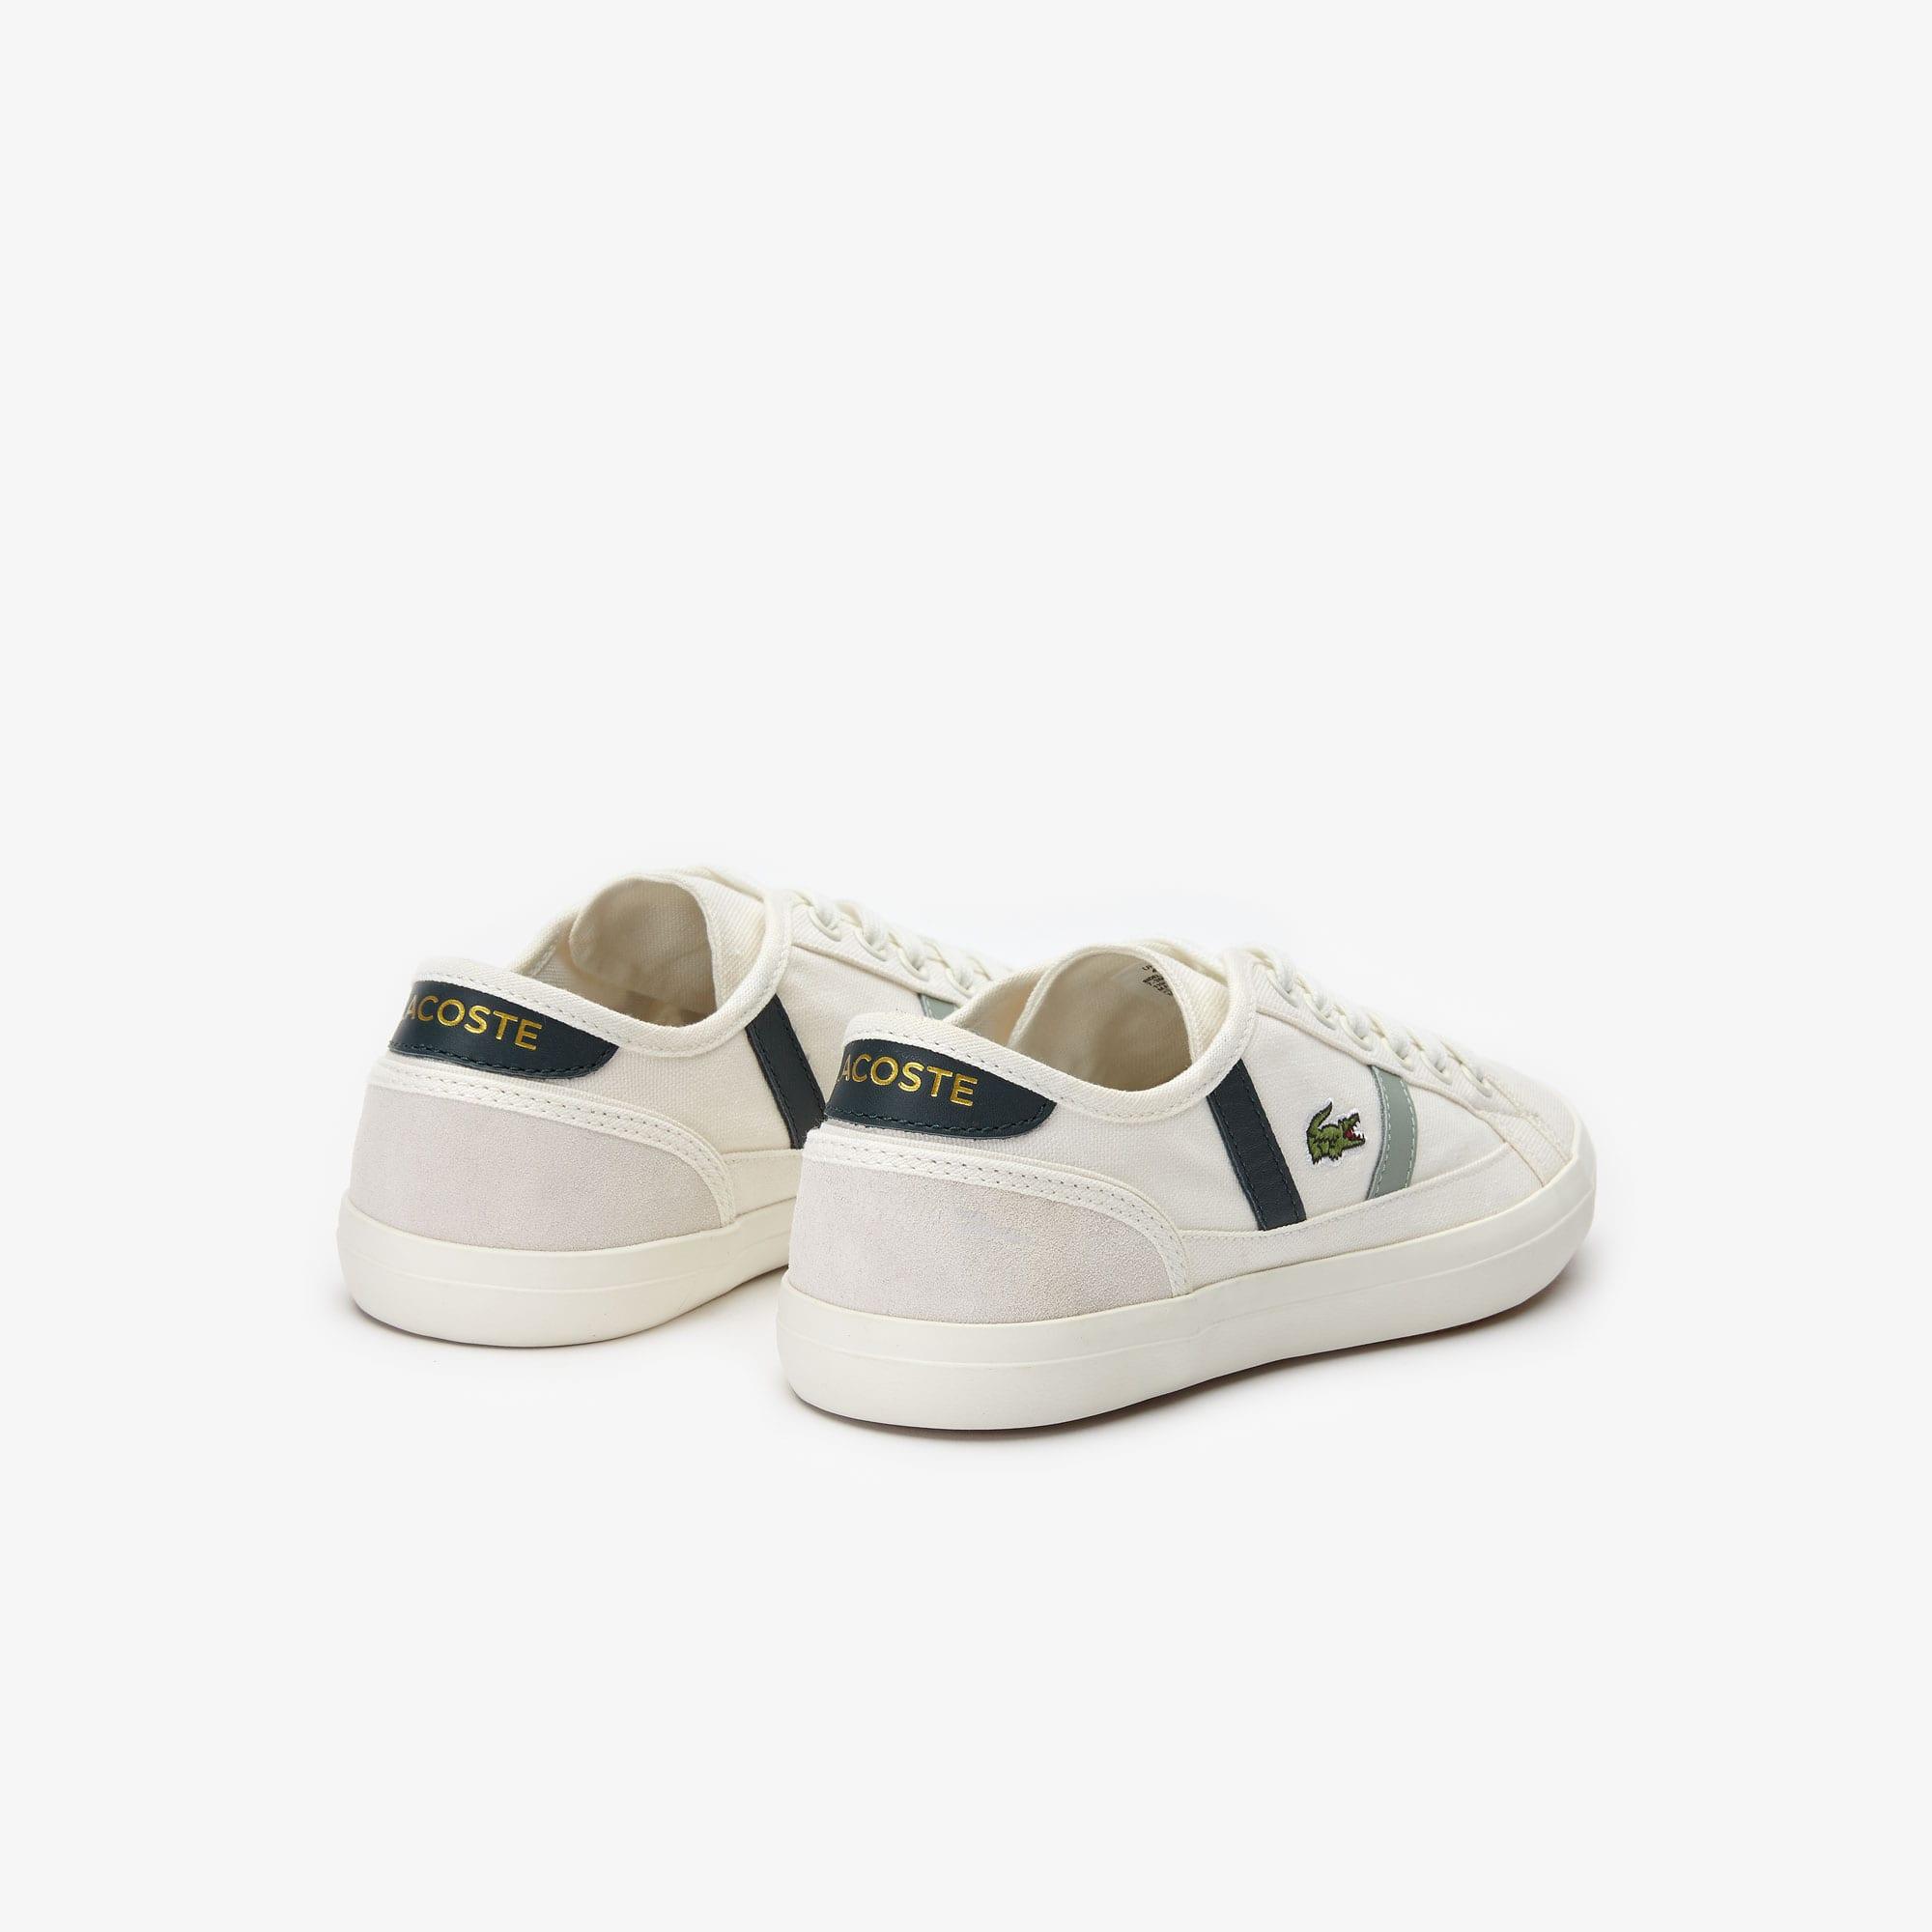 ff0e6f6cd5 Sideline-sneakers dames van canvas en leer